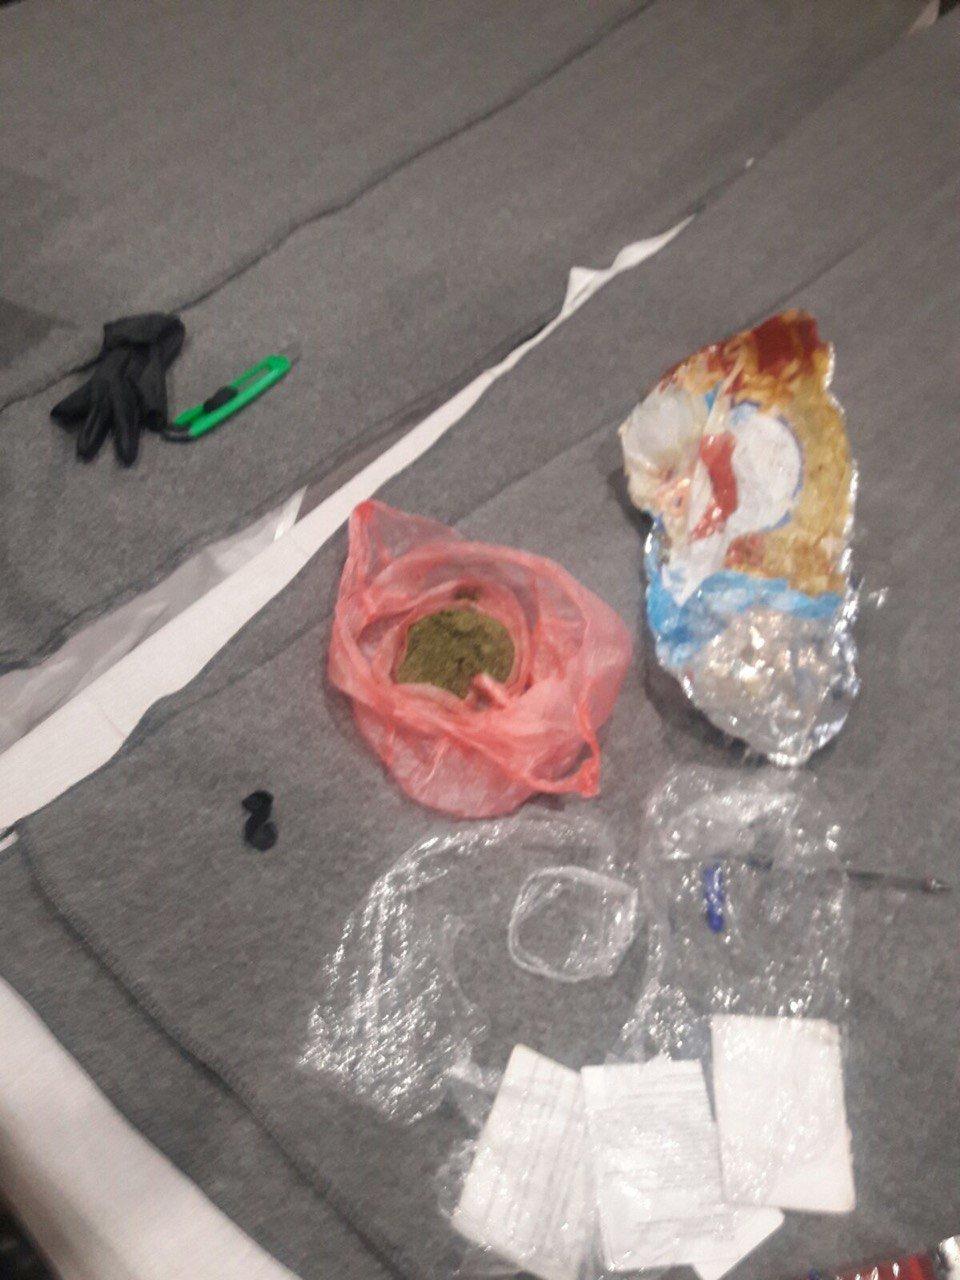 Хмельницький слідчий ізолятор: у сержанта внутрішньої служби знайшли наркотики (ФОТО), фото-5